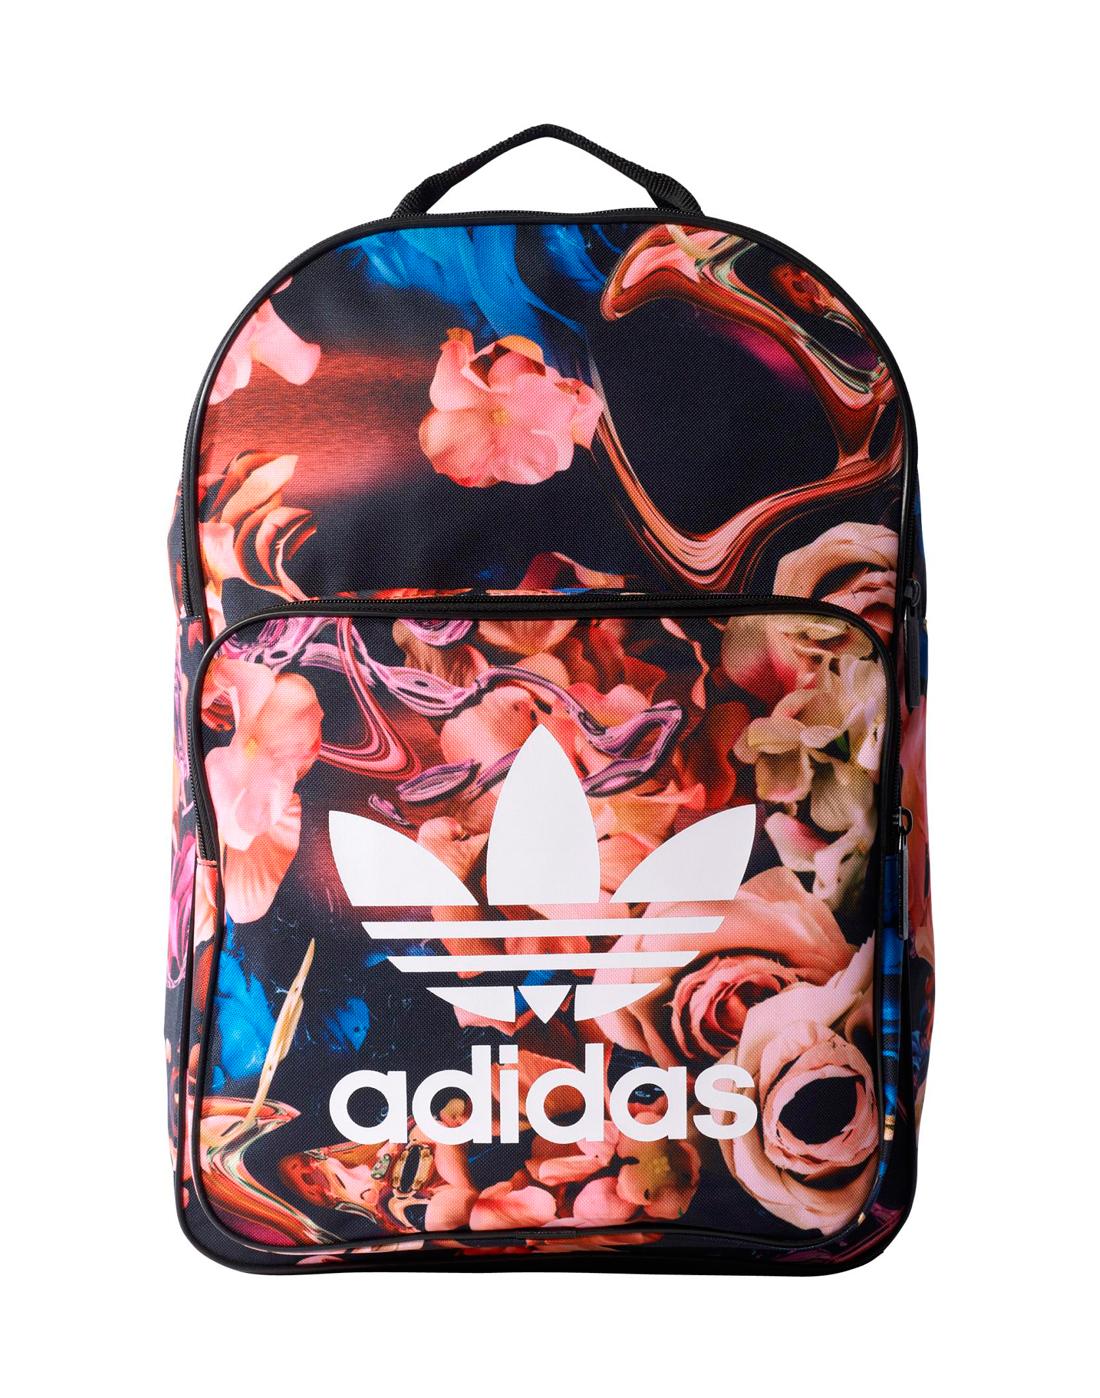 adidas Originals. Floral Backpack. Floral Backpack ... d6d88cccffe20